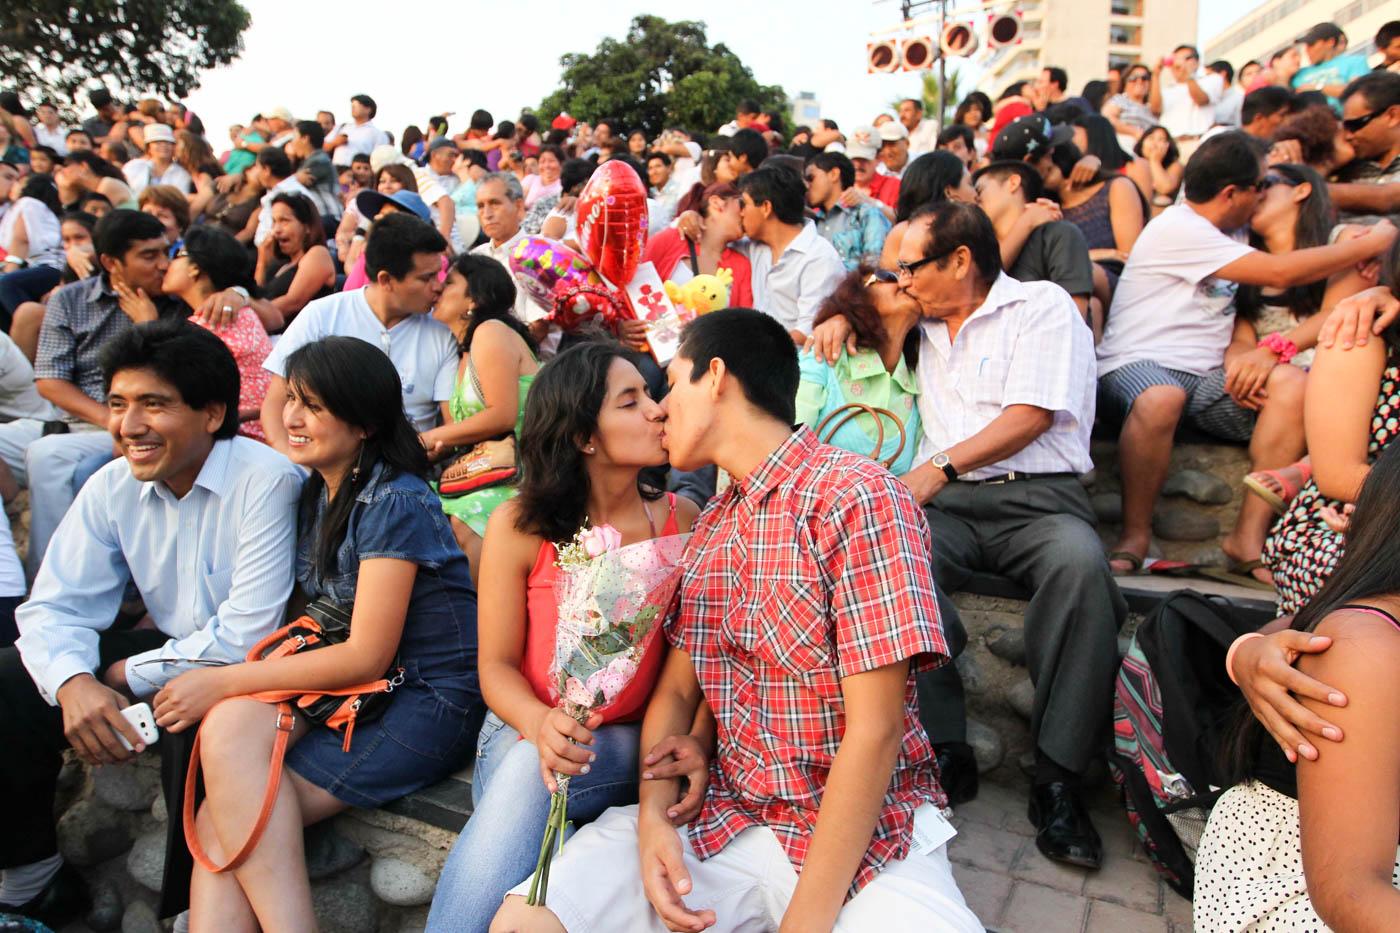 Docenas de parejas se besan en Lima, Perú, durante la celebración del Día de San Valentín